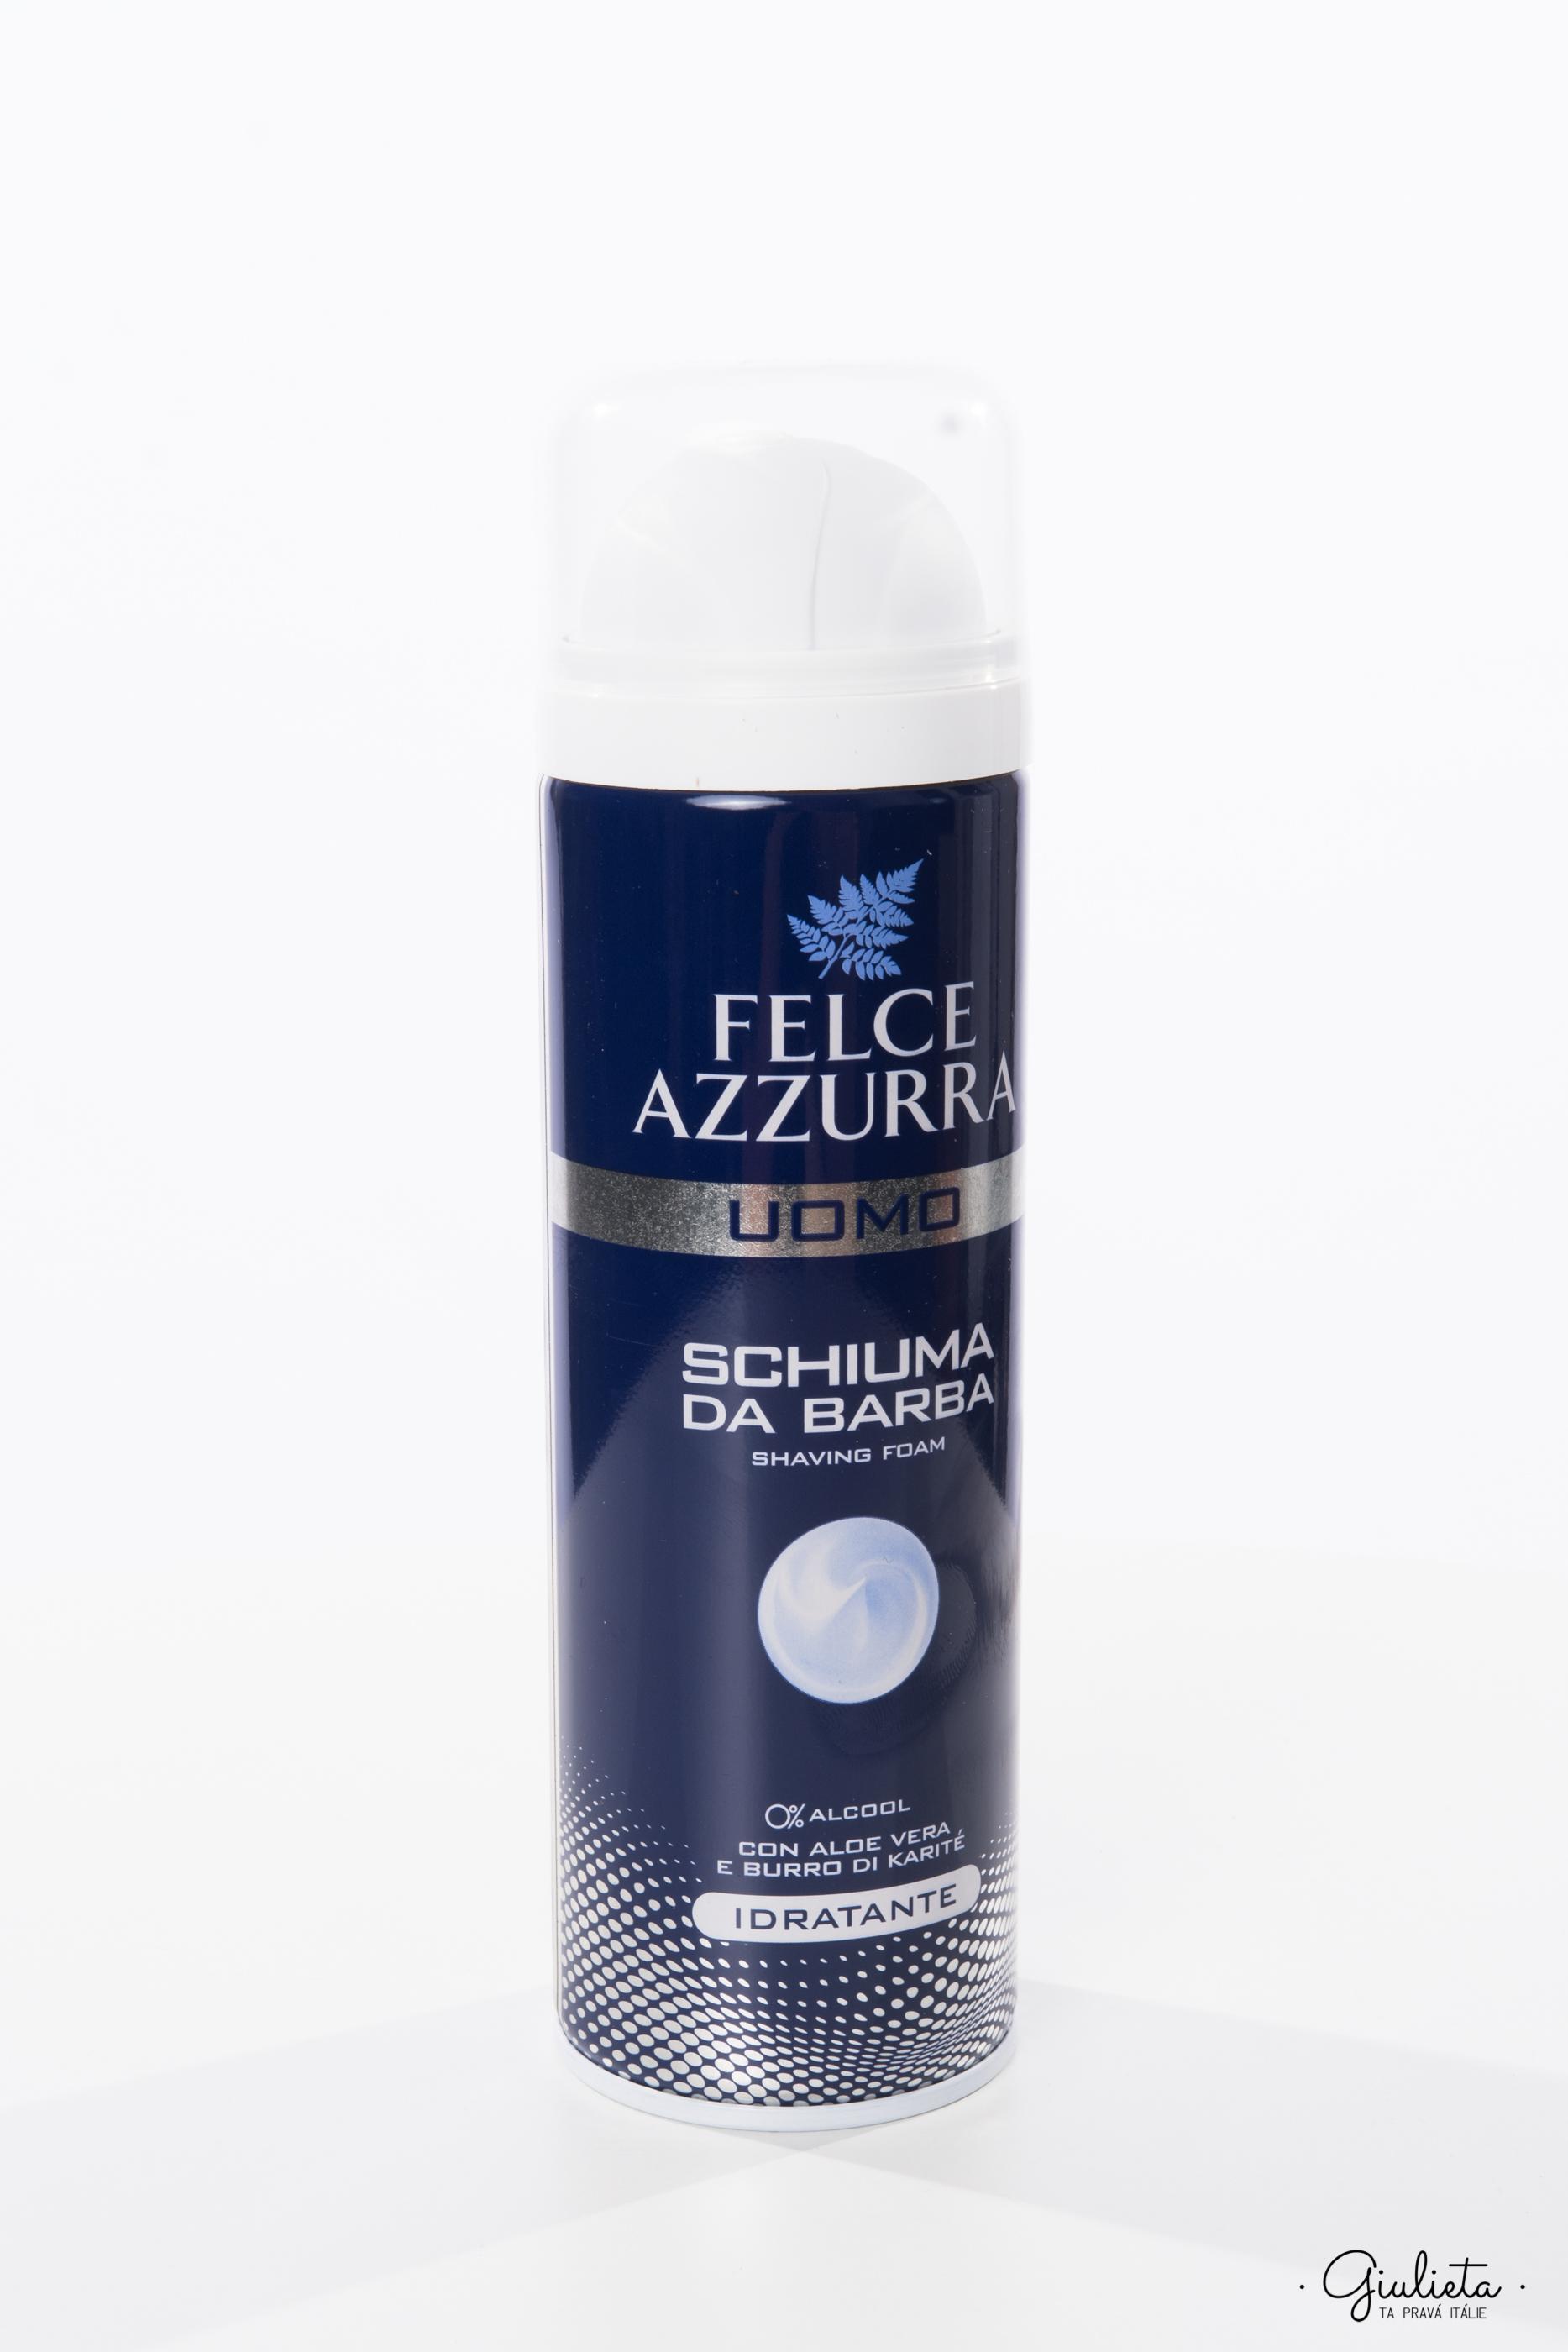 Felce Azzurra pěna na holení pro muže Idratante, 300 ml